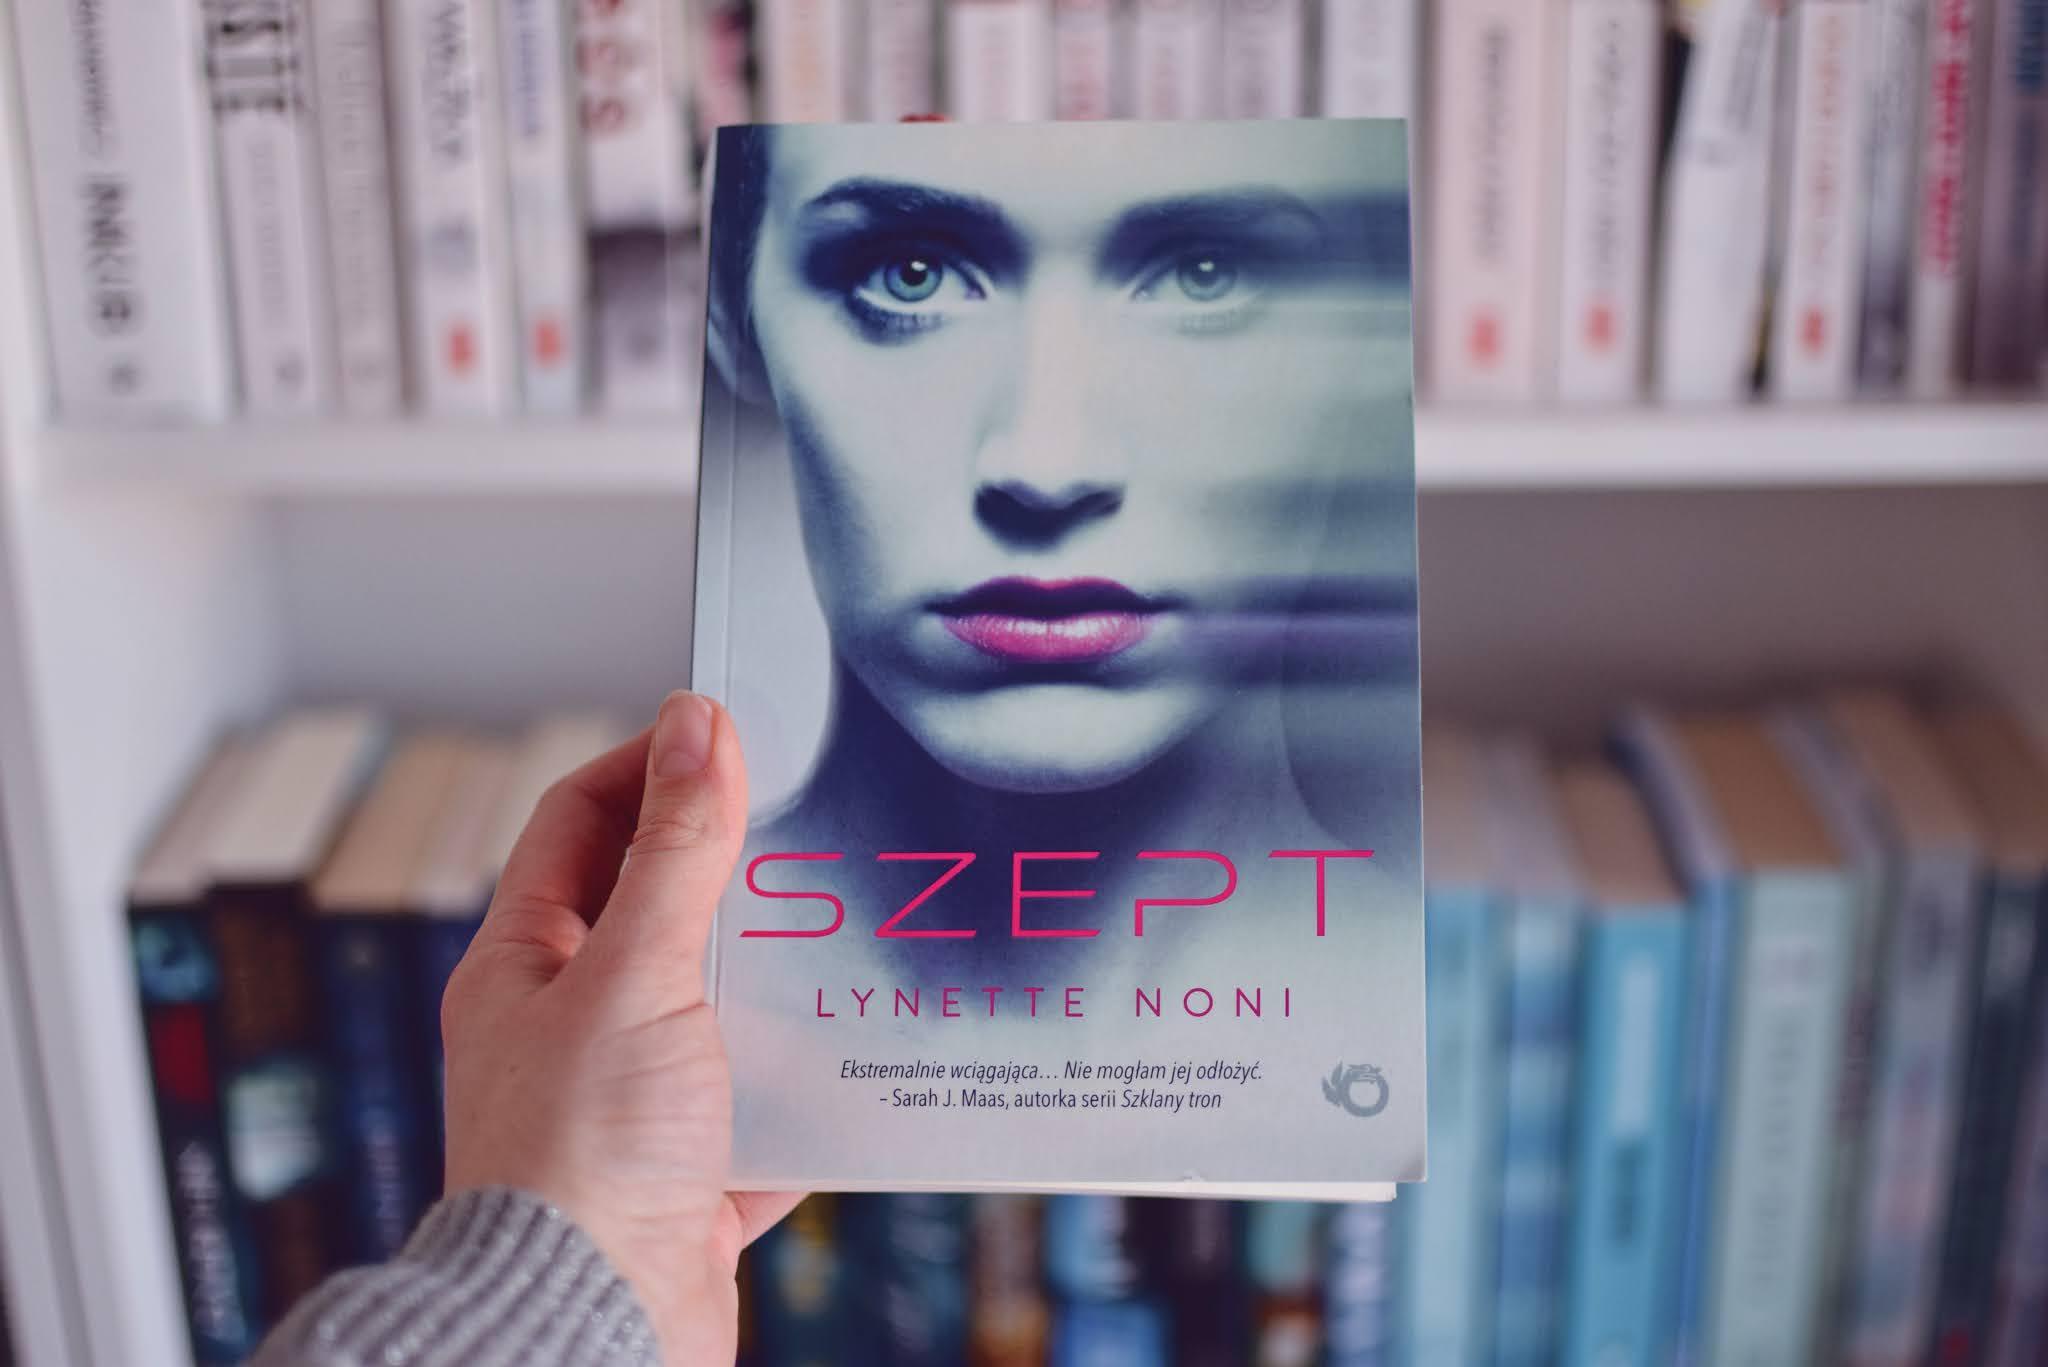 fantasy, siencefiction, Szept, LynetteNoni,opowiadanie,recenzja,WydawnictwoGWFoksal, GrupaWydawniczaFoksal,